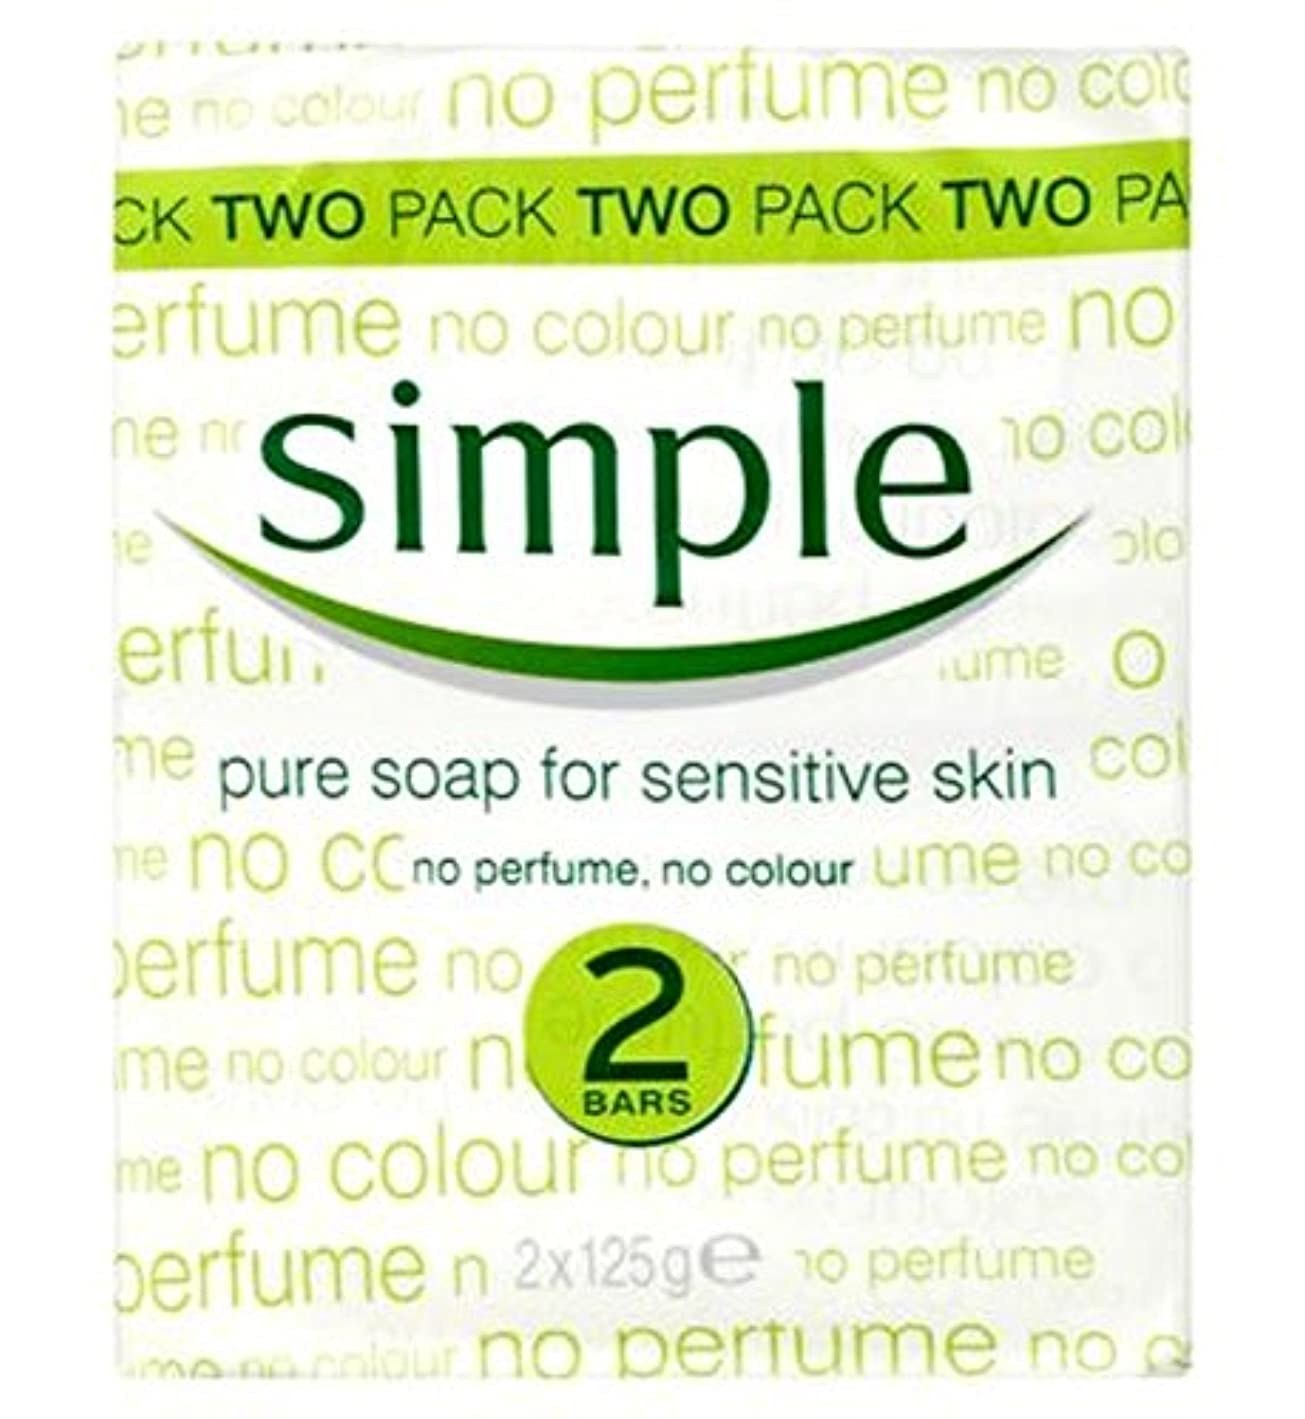 ほのかオンス失敗Simple Pure Soap Bar for Sensitive Skin 2 x 125g - 敏感肌2のX 125グラムのためのシンプルな、純粋な石鹸バー (Simple) [並行輸入品]